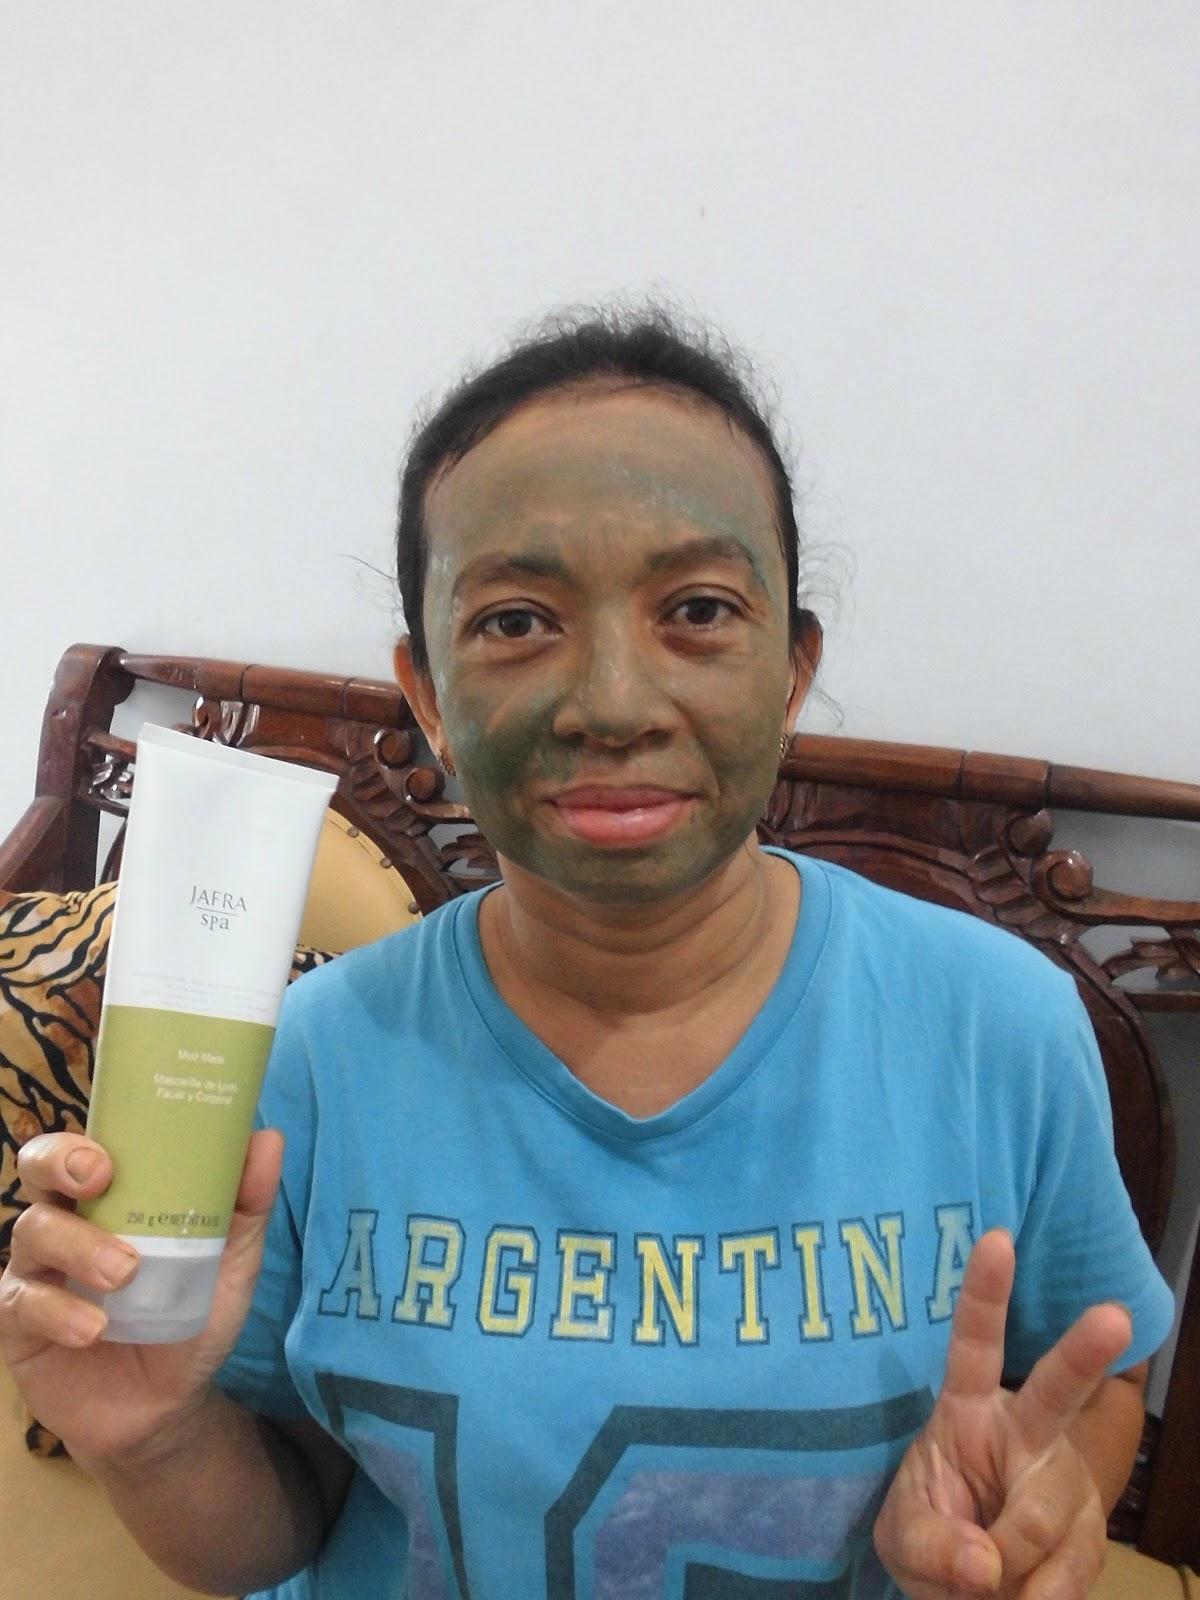 Cara Memakai Masker Jafra : memakai, masker, jafra, Rinjaniah:, Review;, JAFRA, Bagian, Kecil, Rangkaian, Facial, Sederhanaku